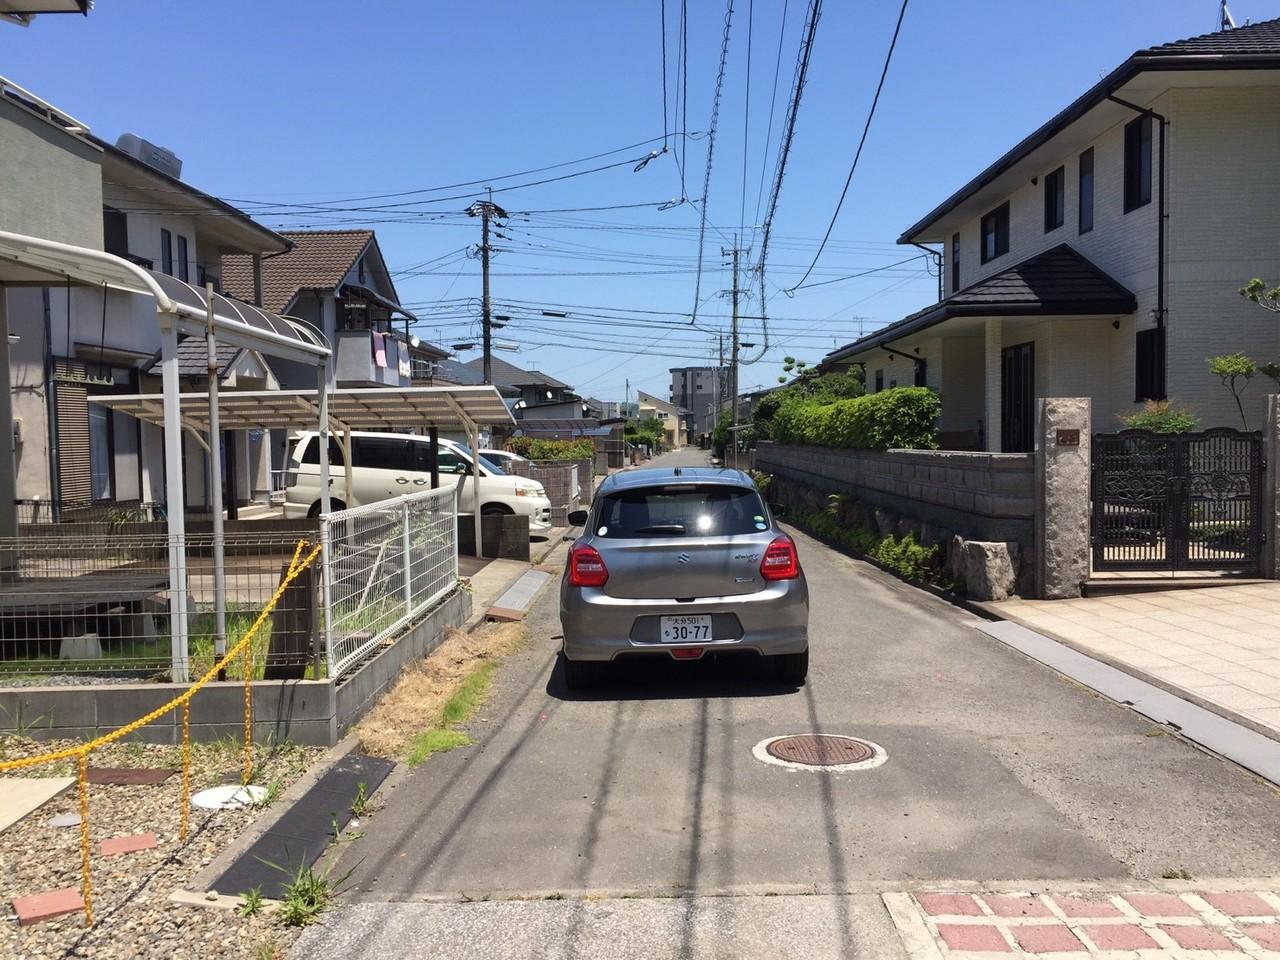 家の前の道路も広いので、車の出し入れがスムーズに行えますね!